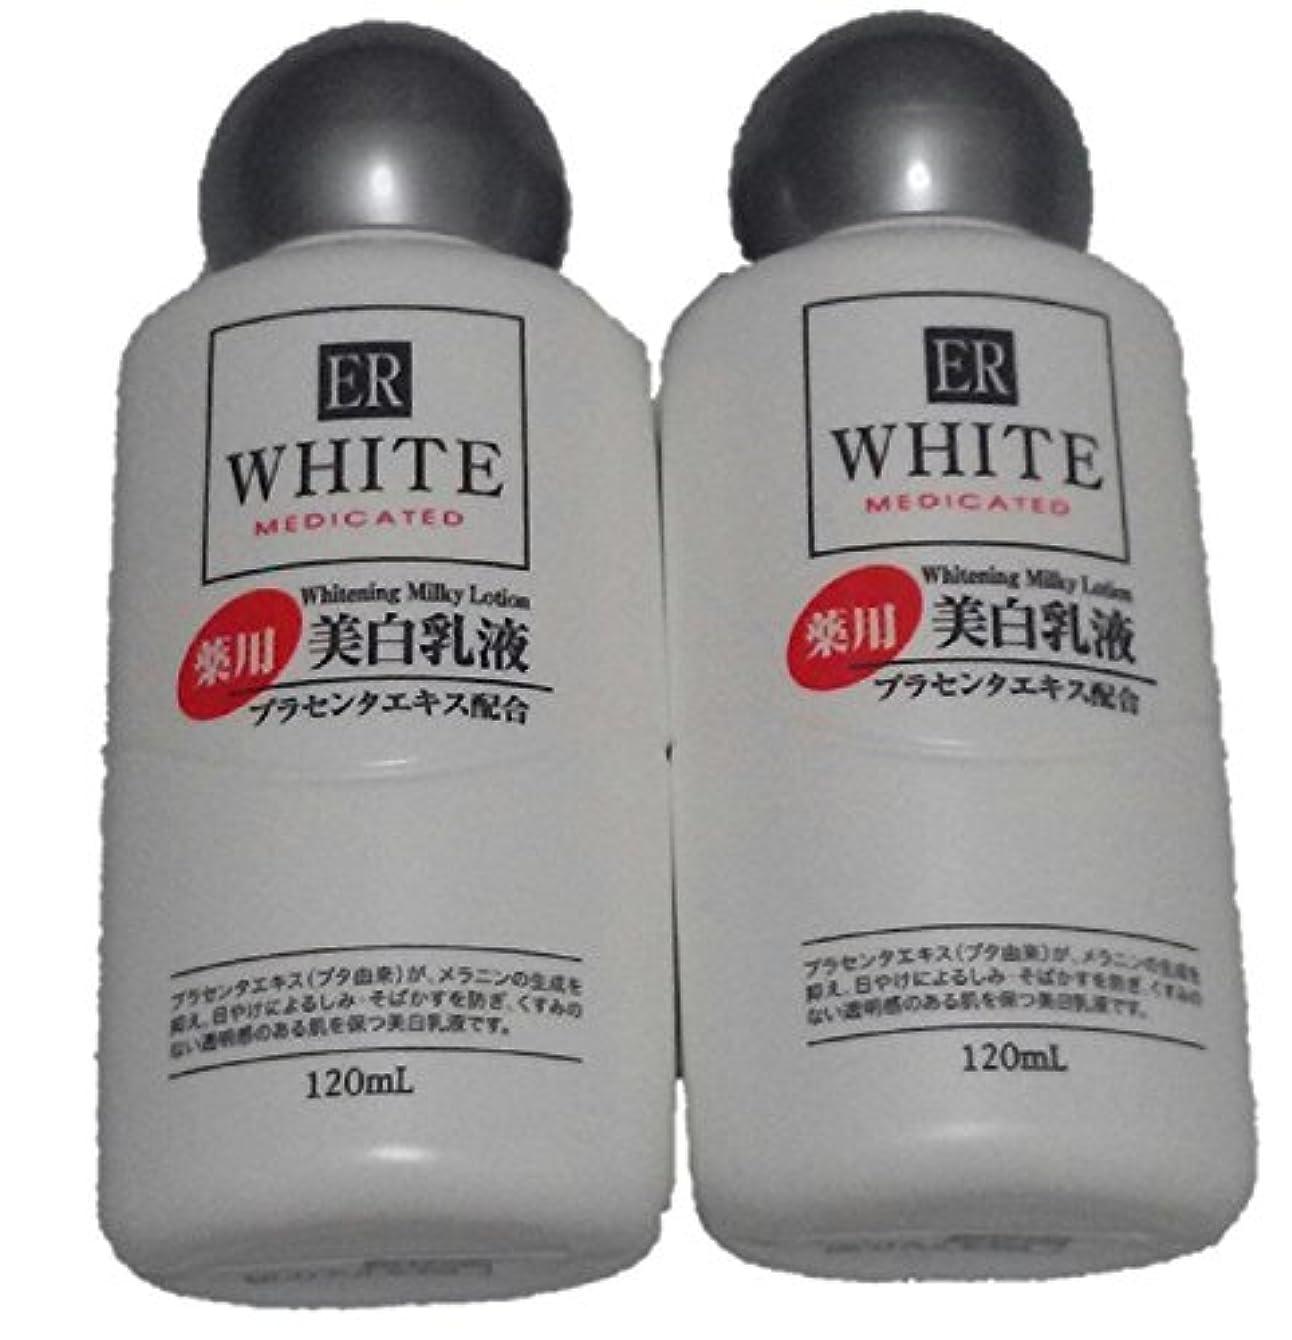 レーニン主義骨髄バリケード【2本セット】コスモホワイトニングミルク 120ml